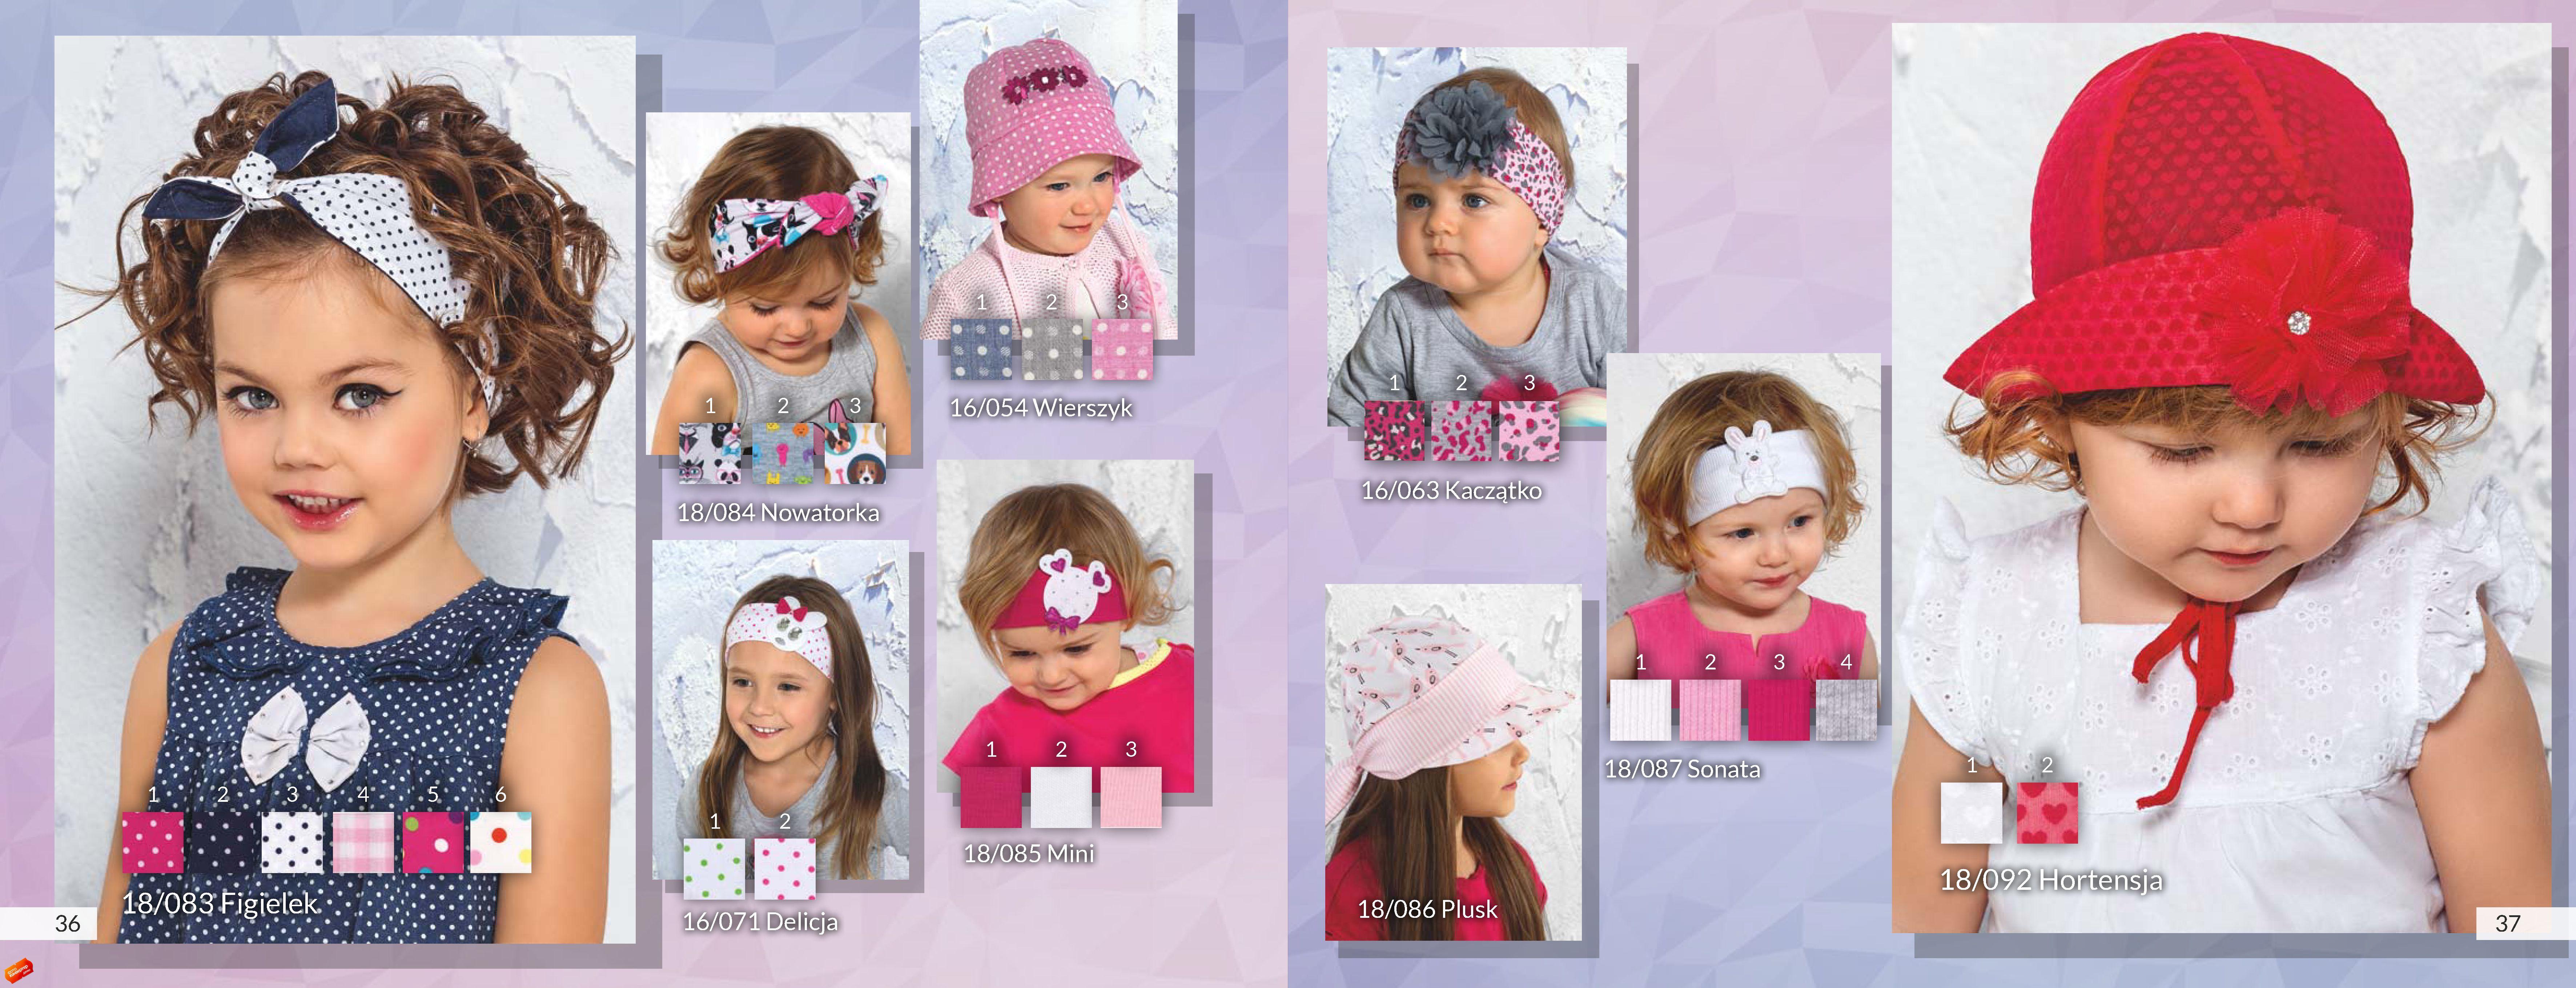 Новая коллекция весна-лето.Очень красивые шапки Растер.размеры от 38 до 58.без рядов